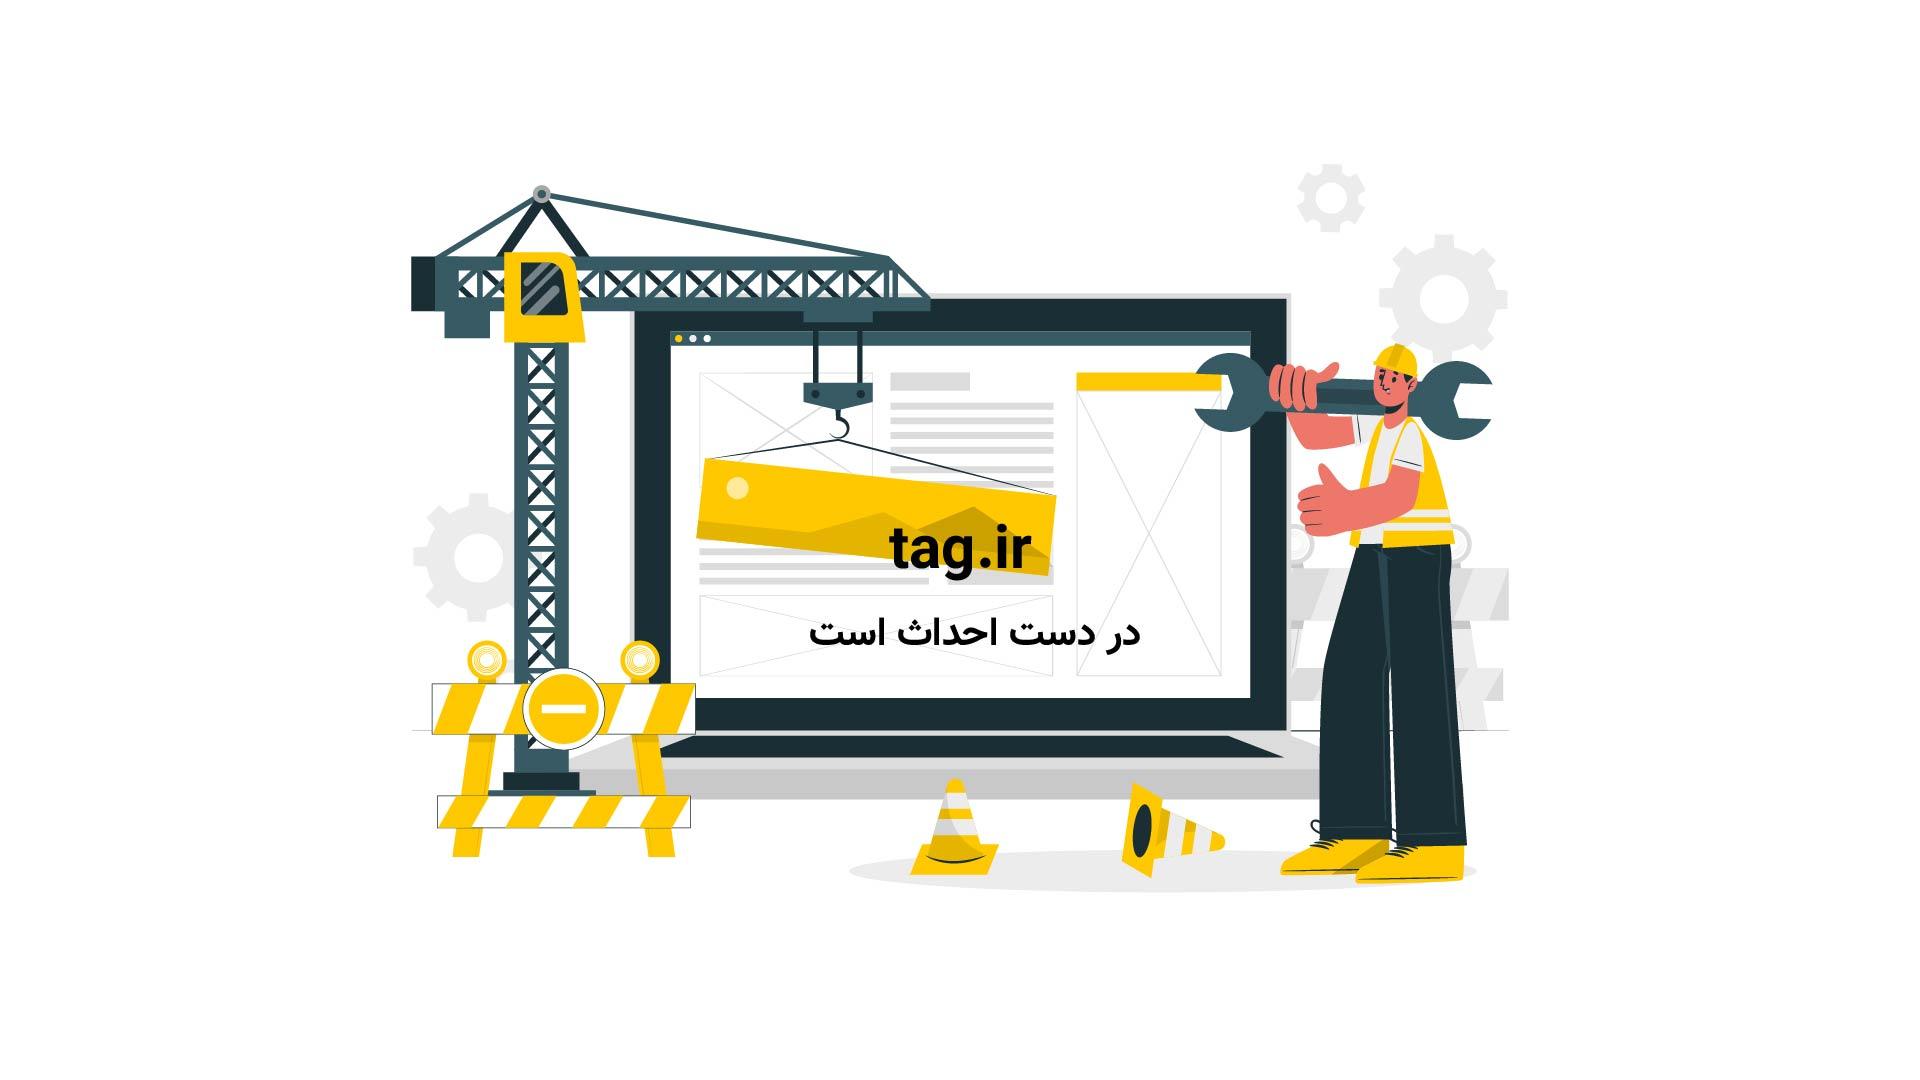 حسن روحانی در سازمان ملل | تگ